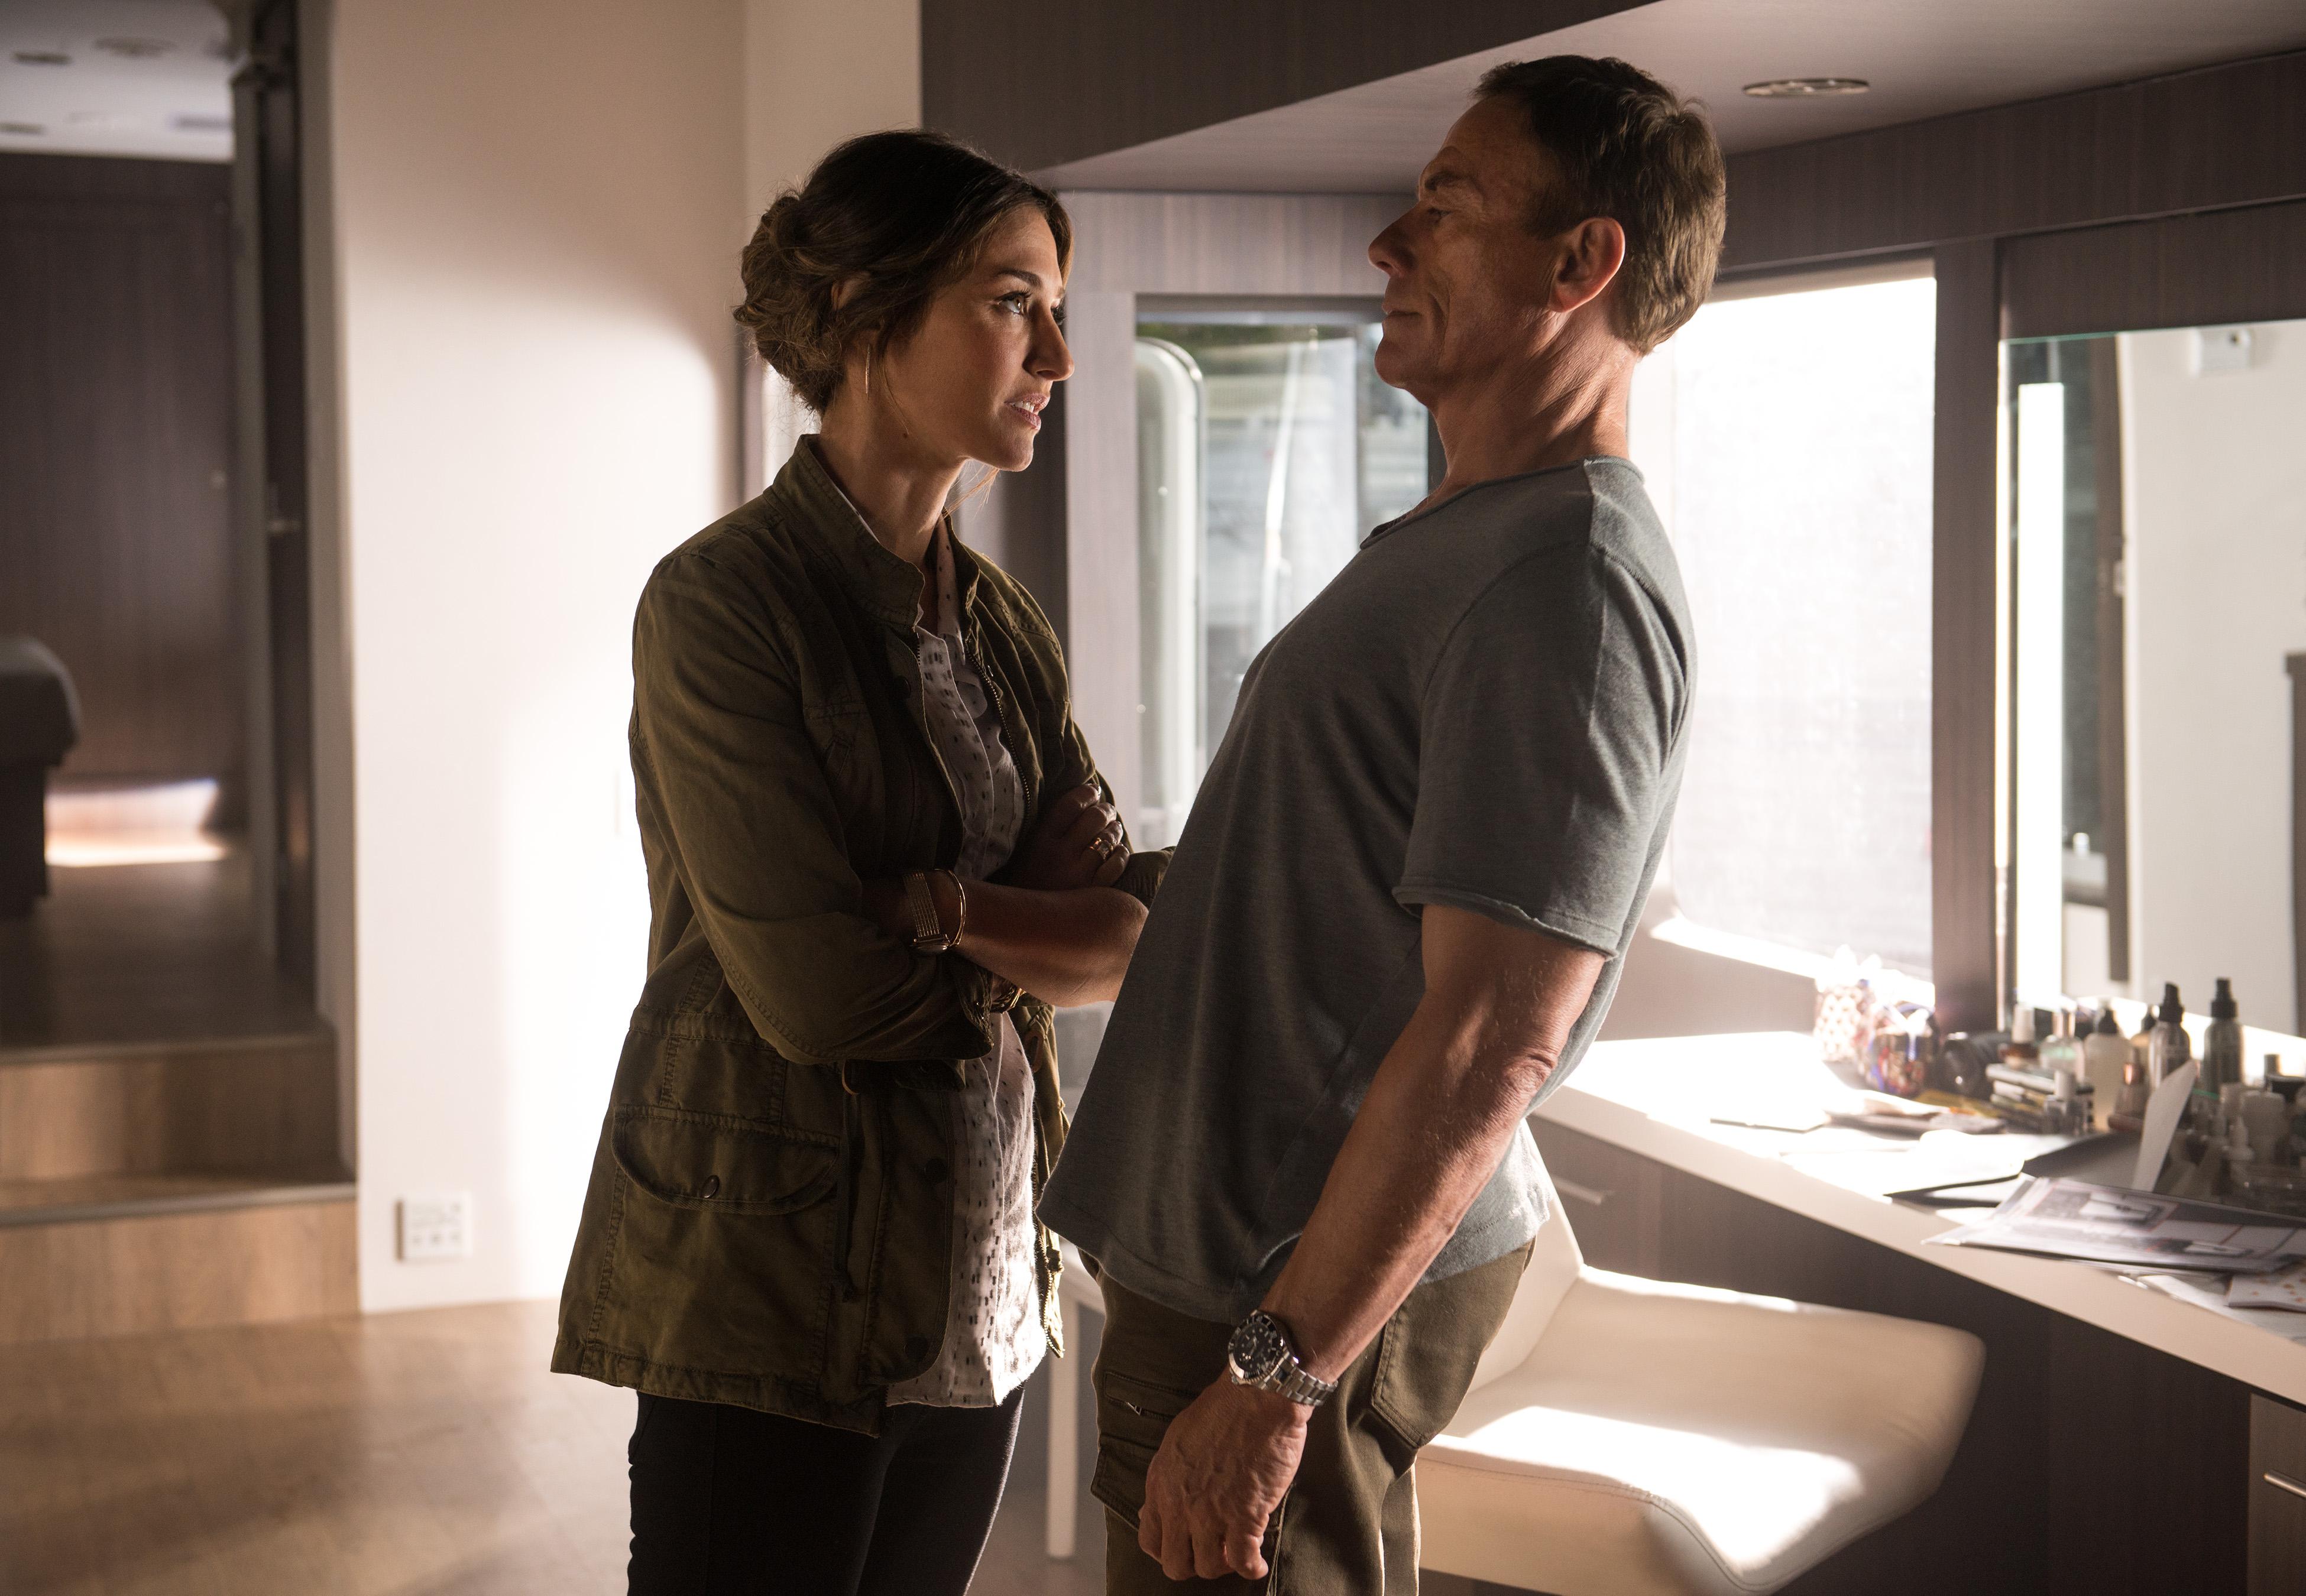 Jean-Claude Van Damme and Kat Foster in Pilot (2016)